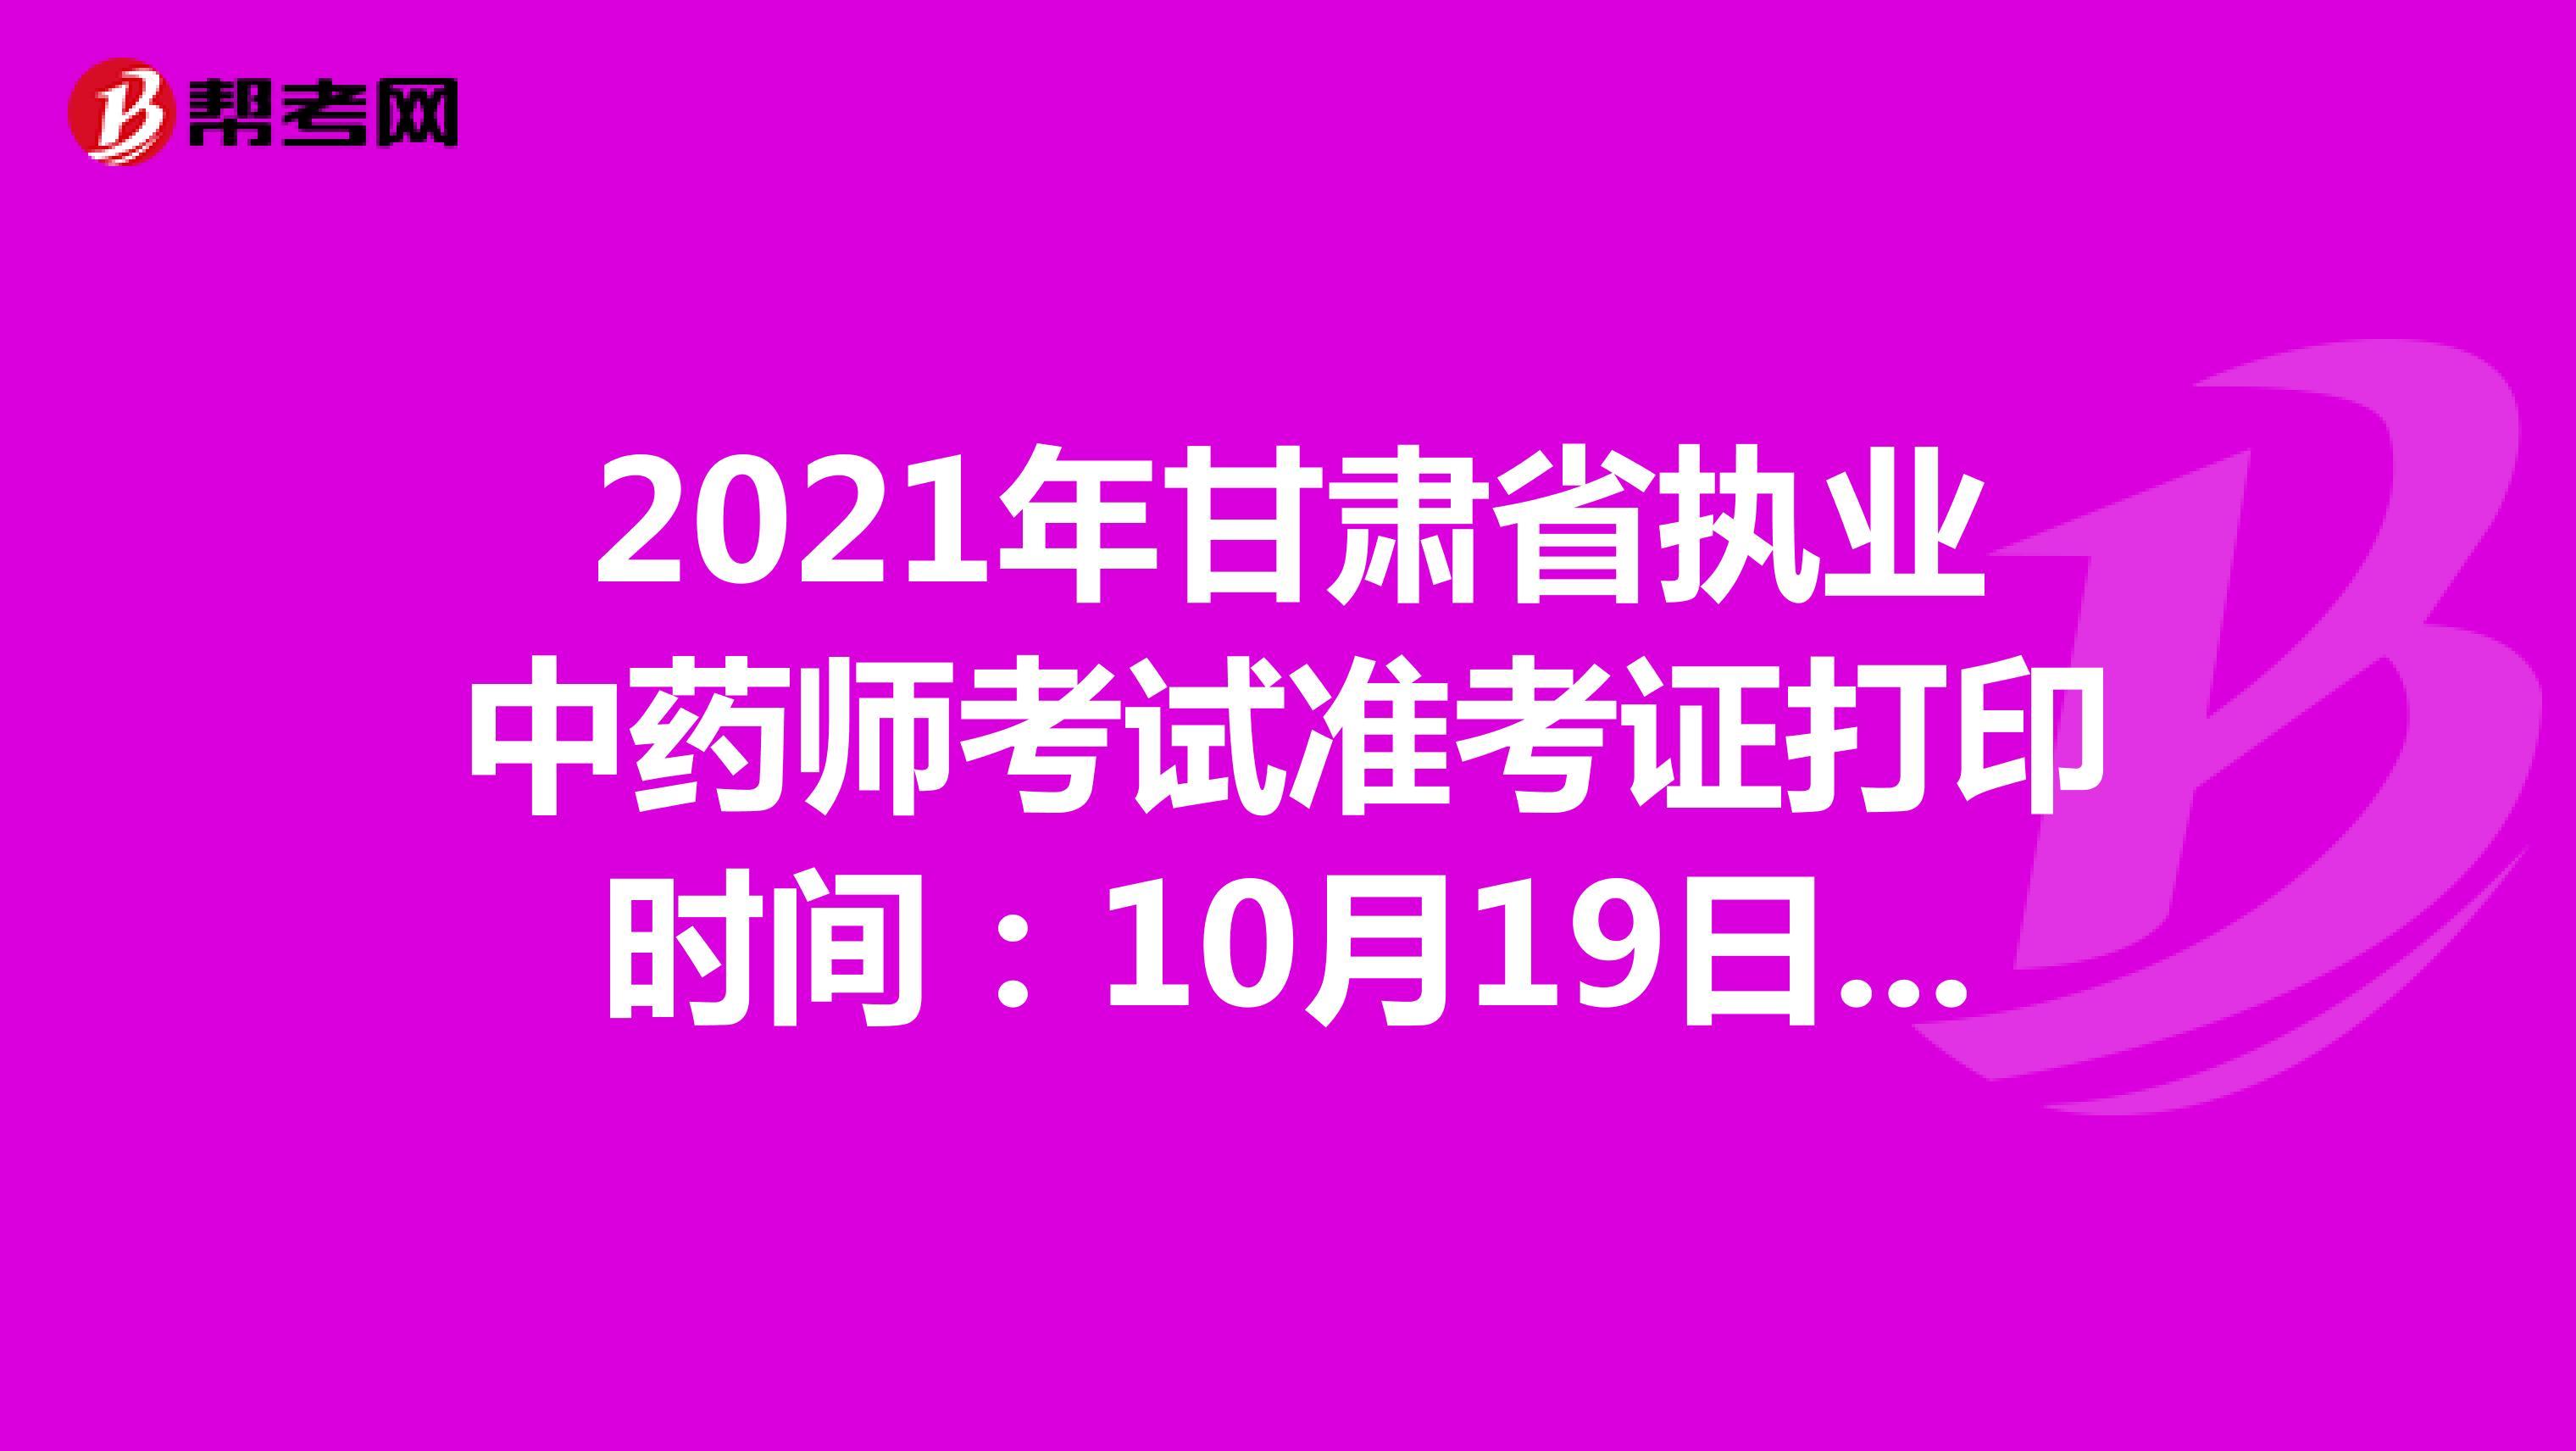 2021年甘肃省执业中药师考试准考证打印时间:10月19日-10月24日